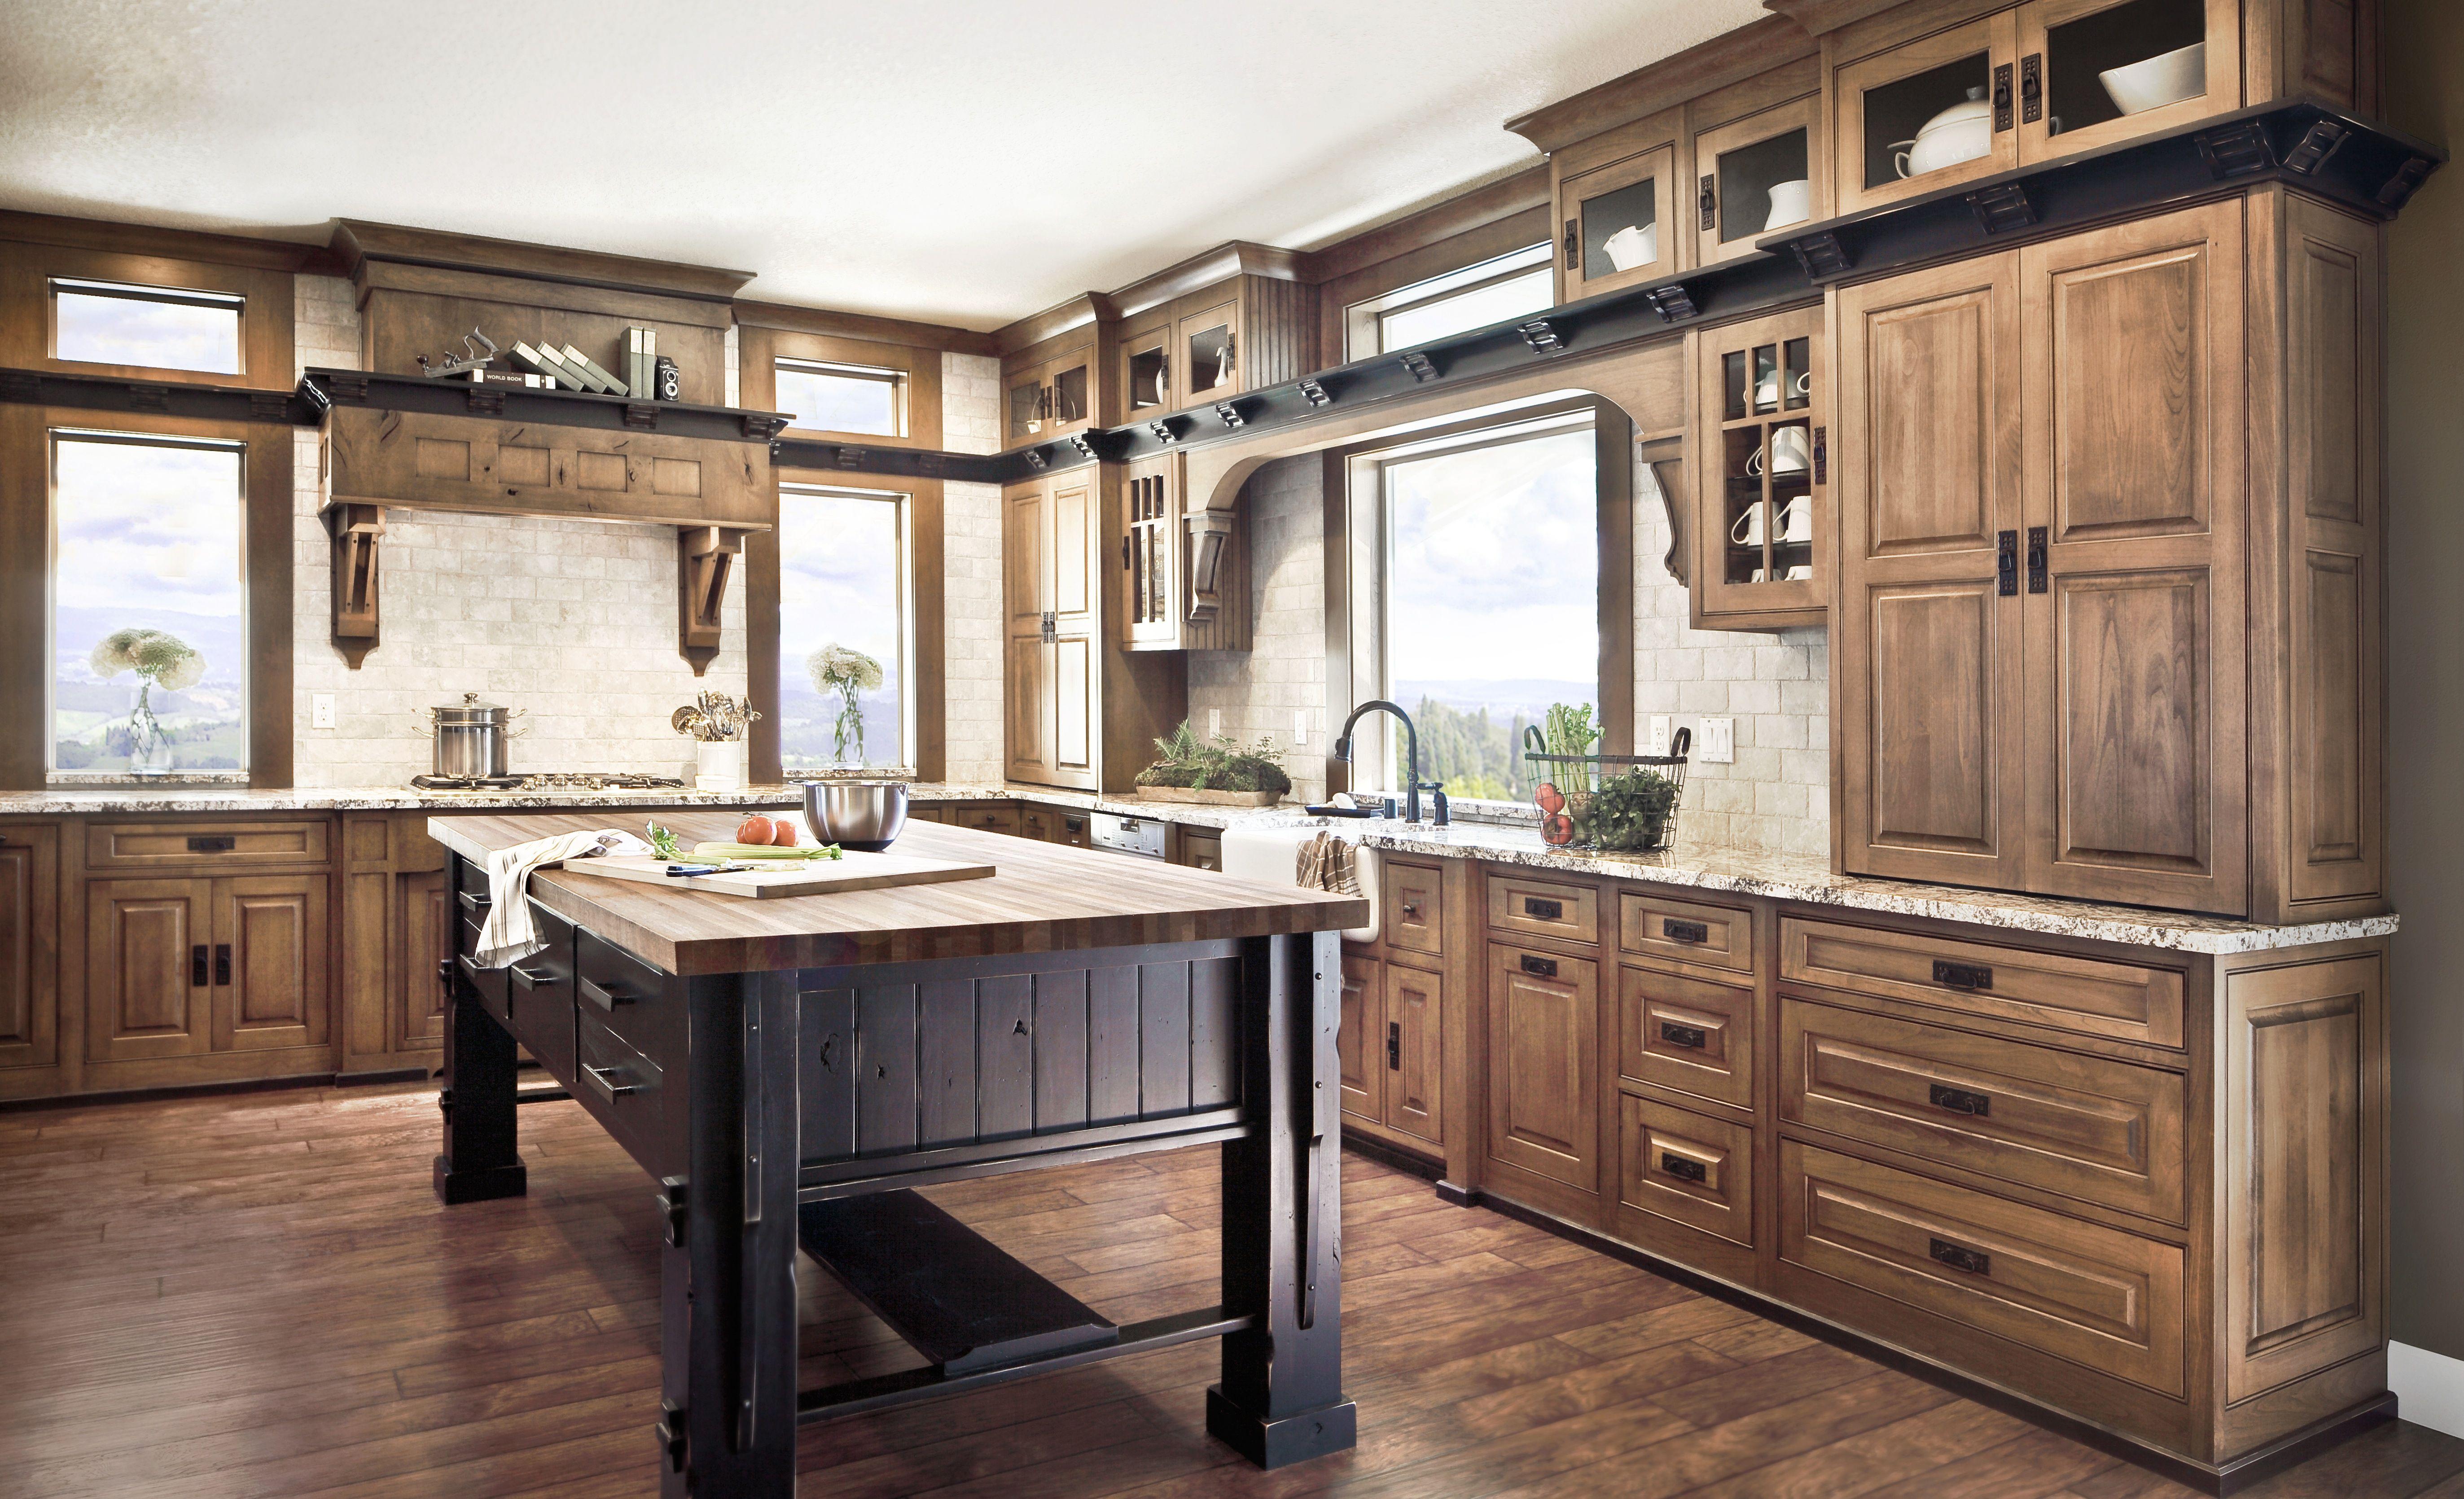 Dewils Fine Cabinetry Alder Kitchen Cabinets Kitchen Cabinet Styles Knotty Alder Kitchen